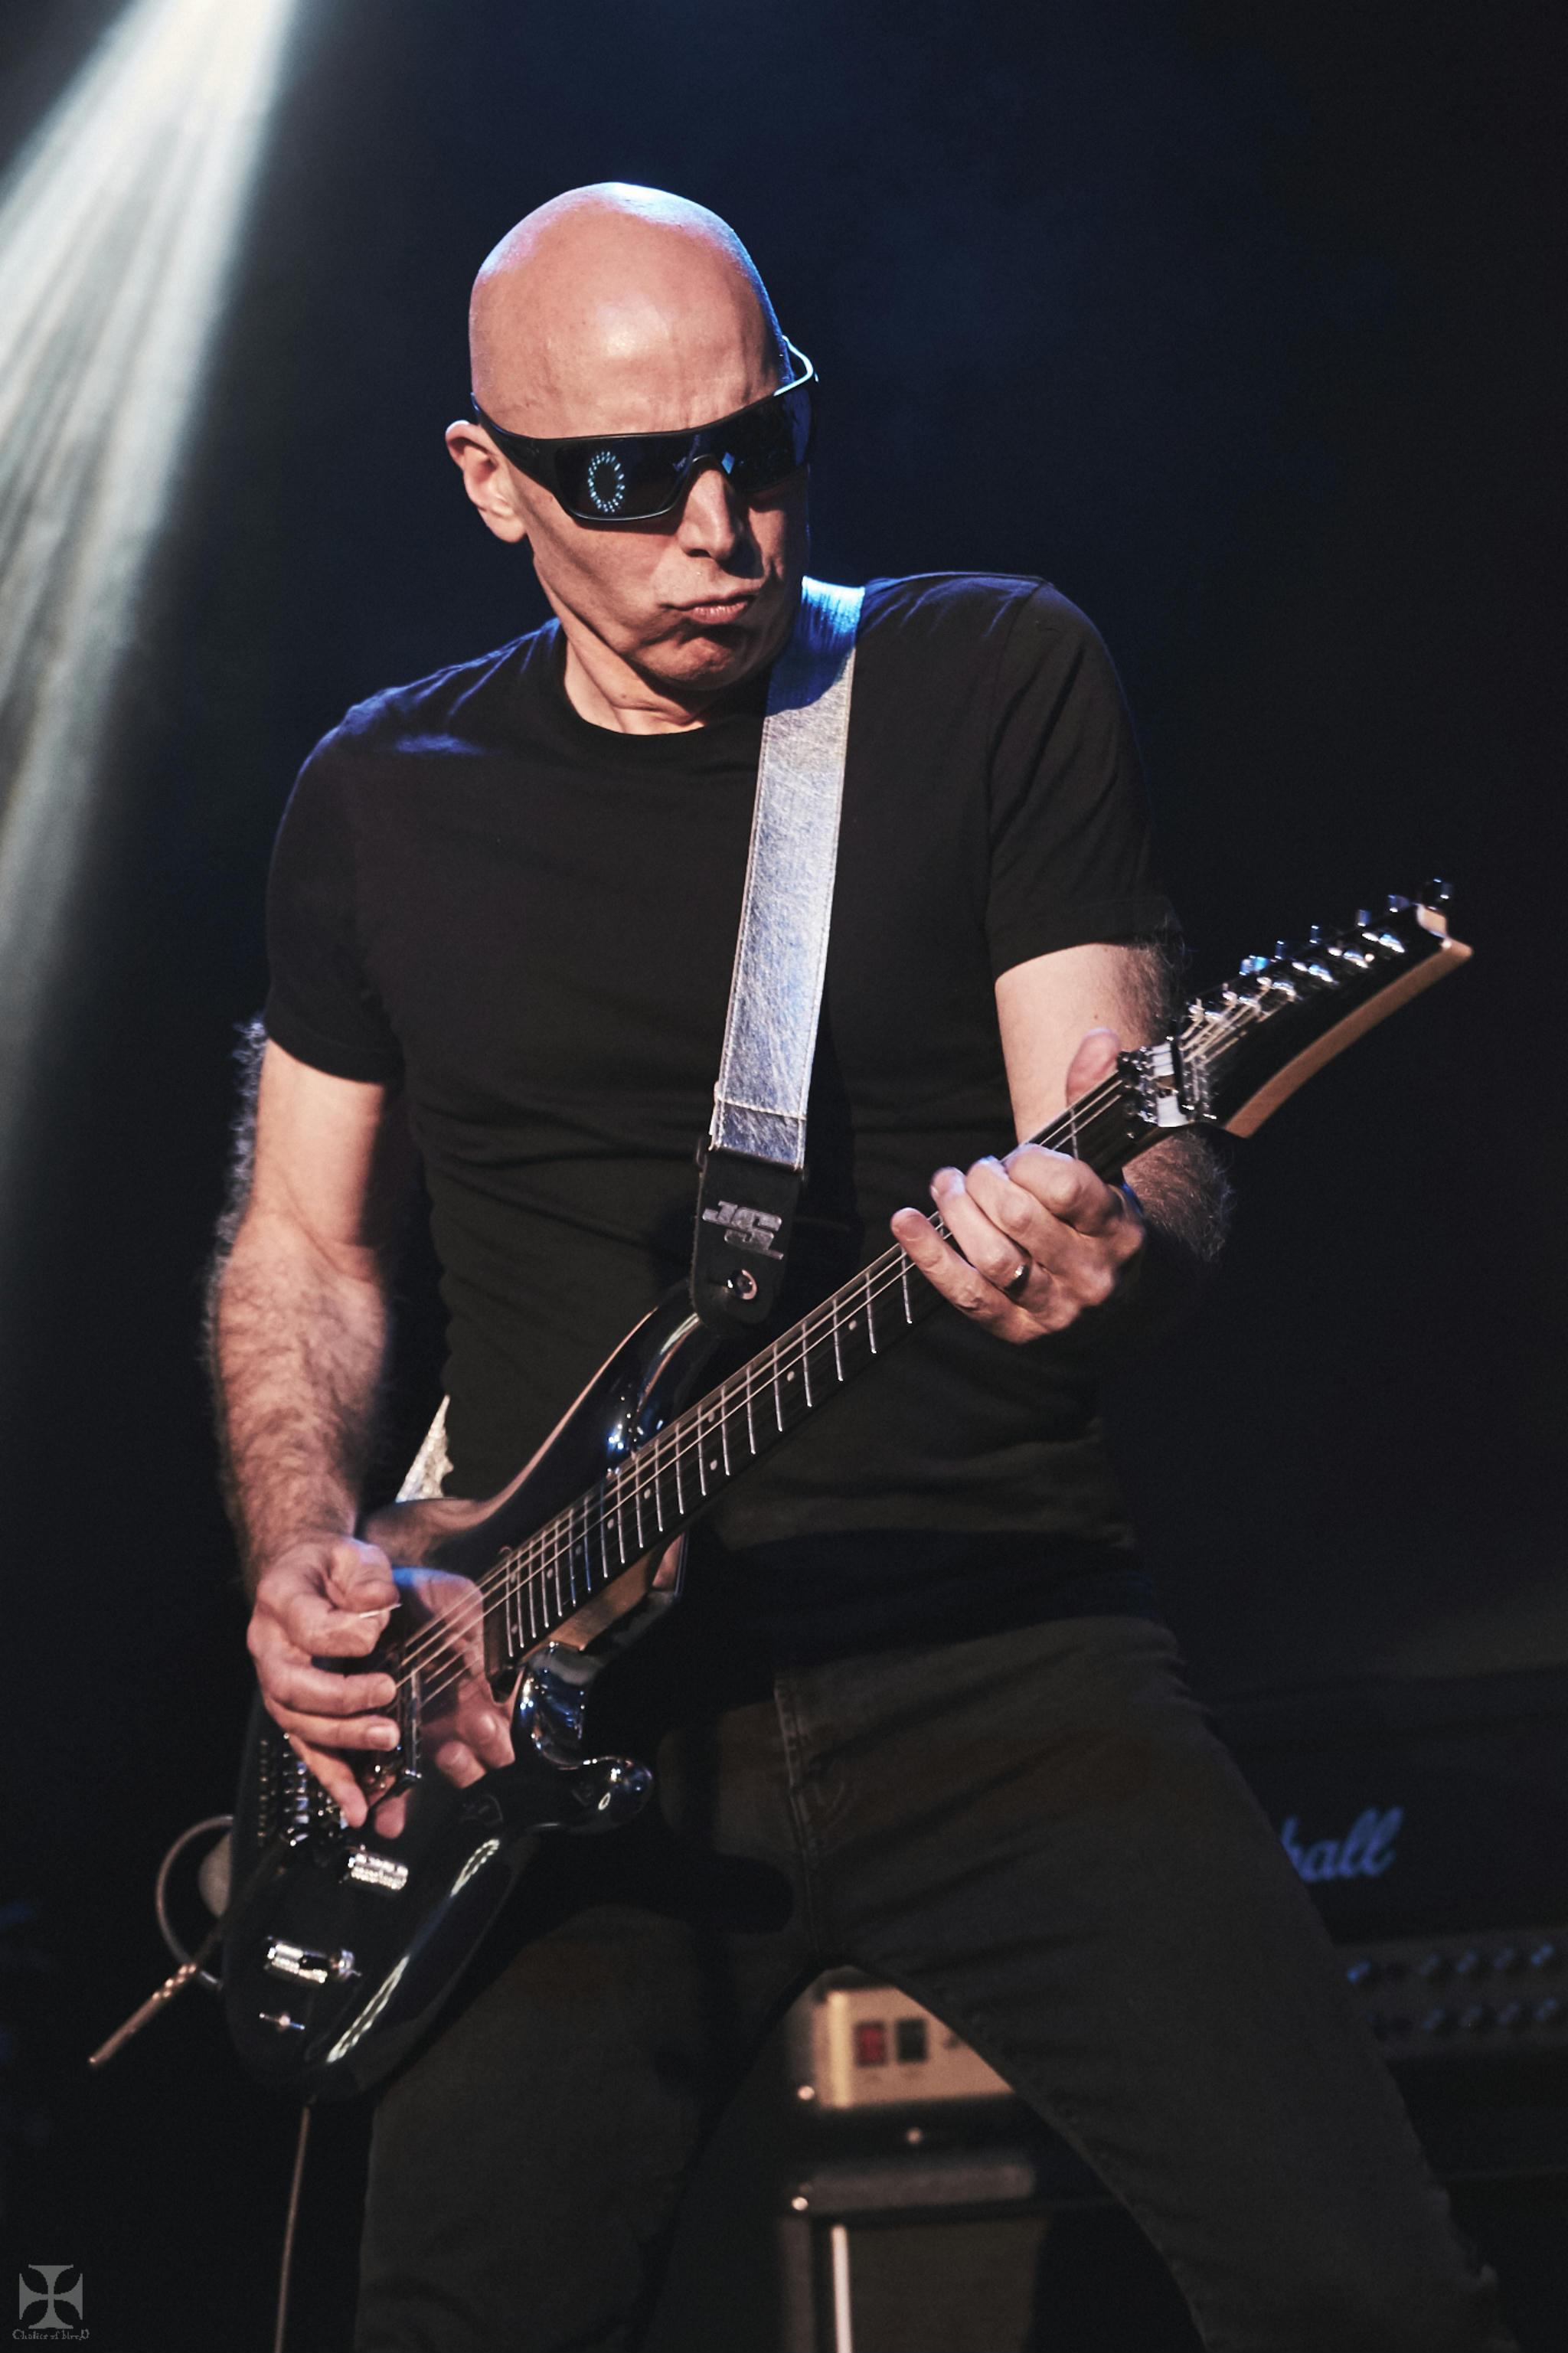 2018.12.04 Joe Satriani - DSCF6858_branded.jpg